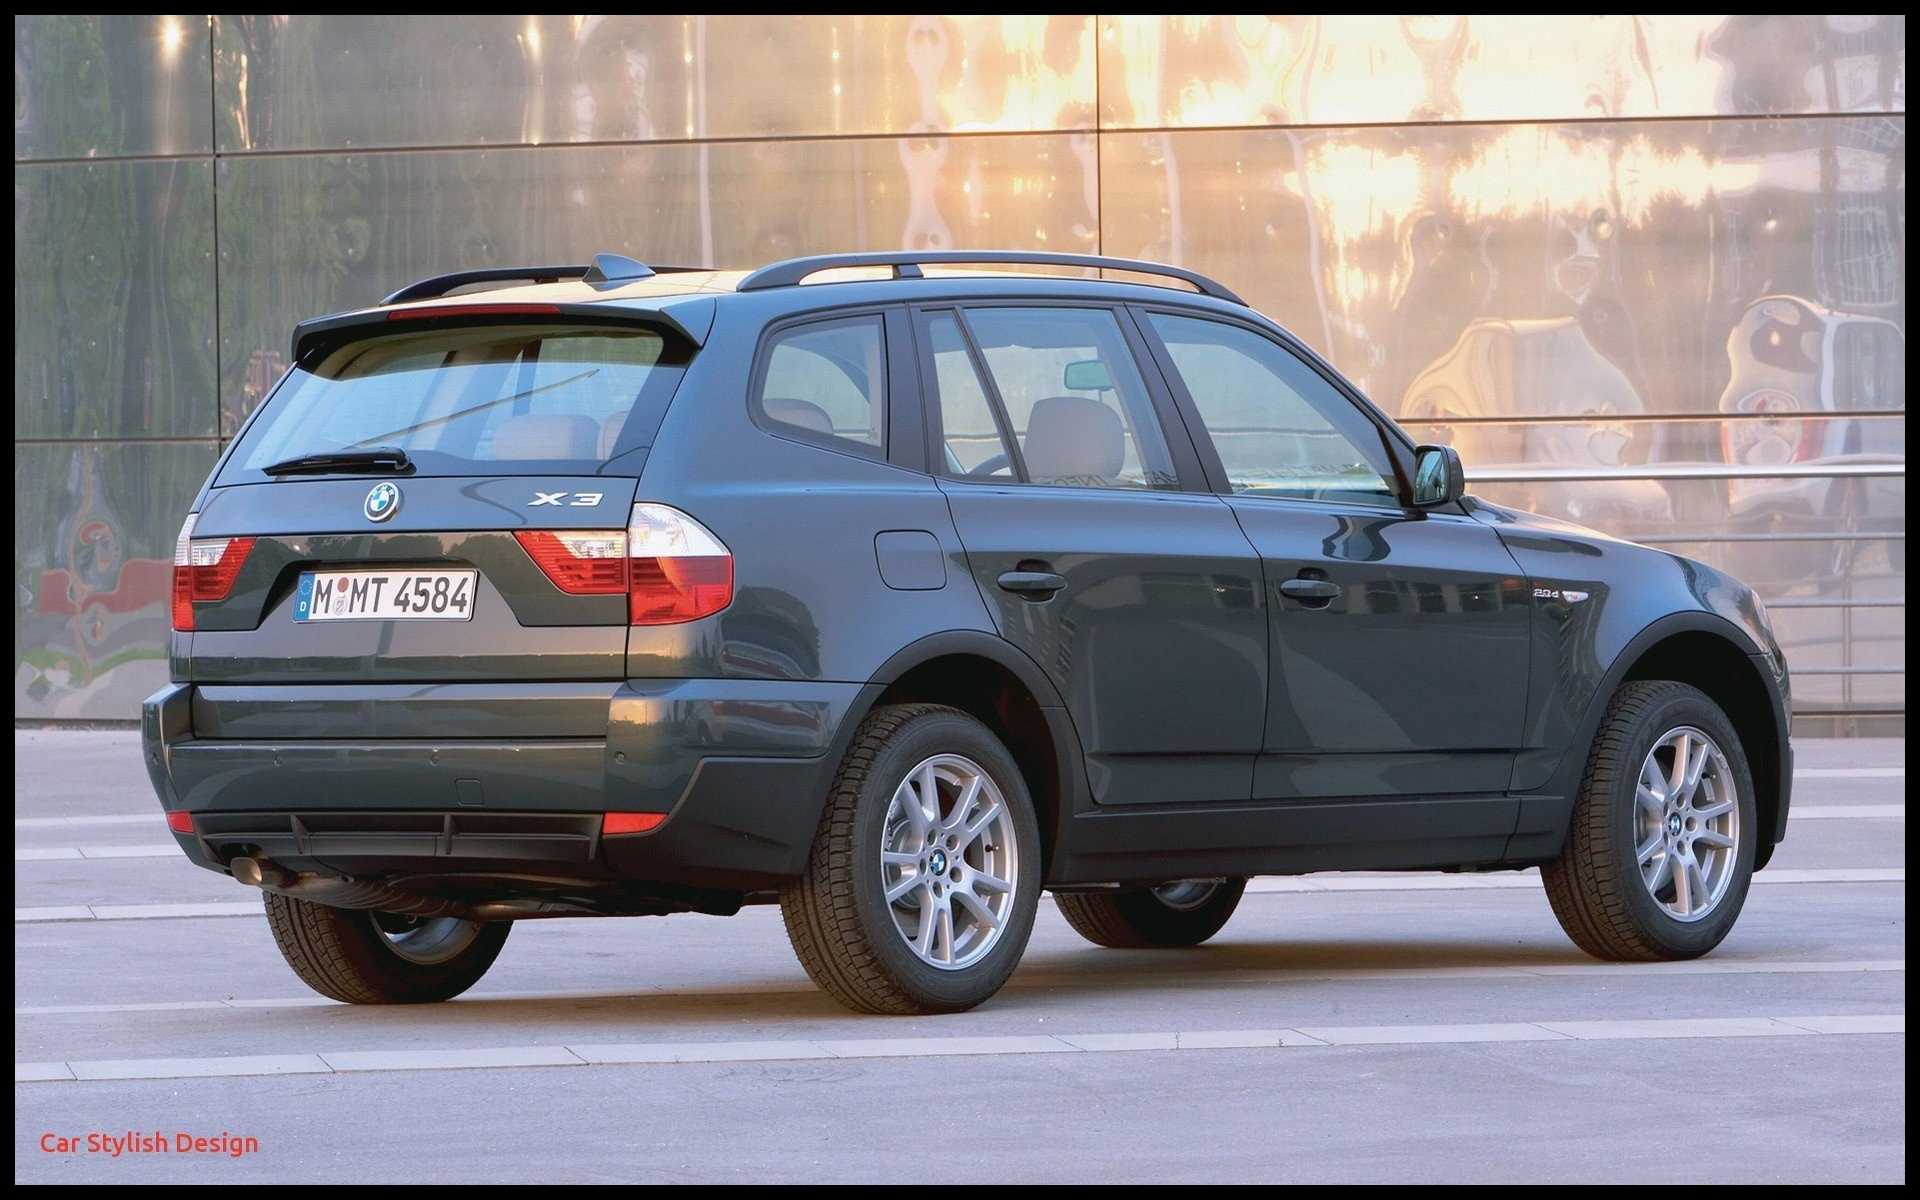 325i 2007 Bmw Specs Beautiful New 2003 Bmw 325i Specs